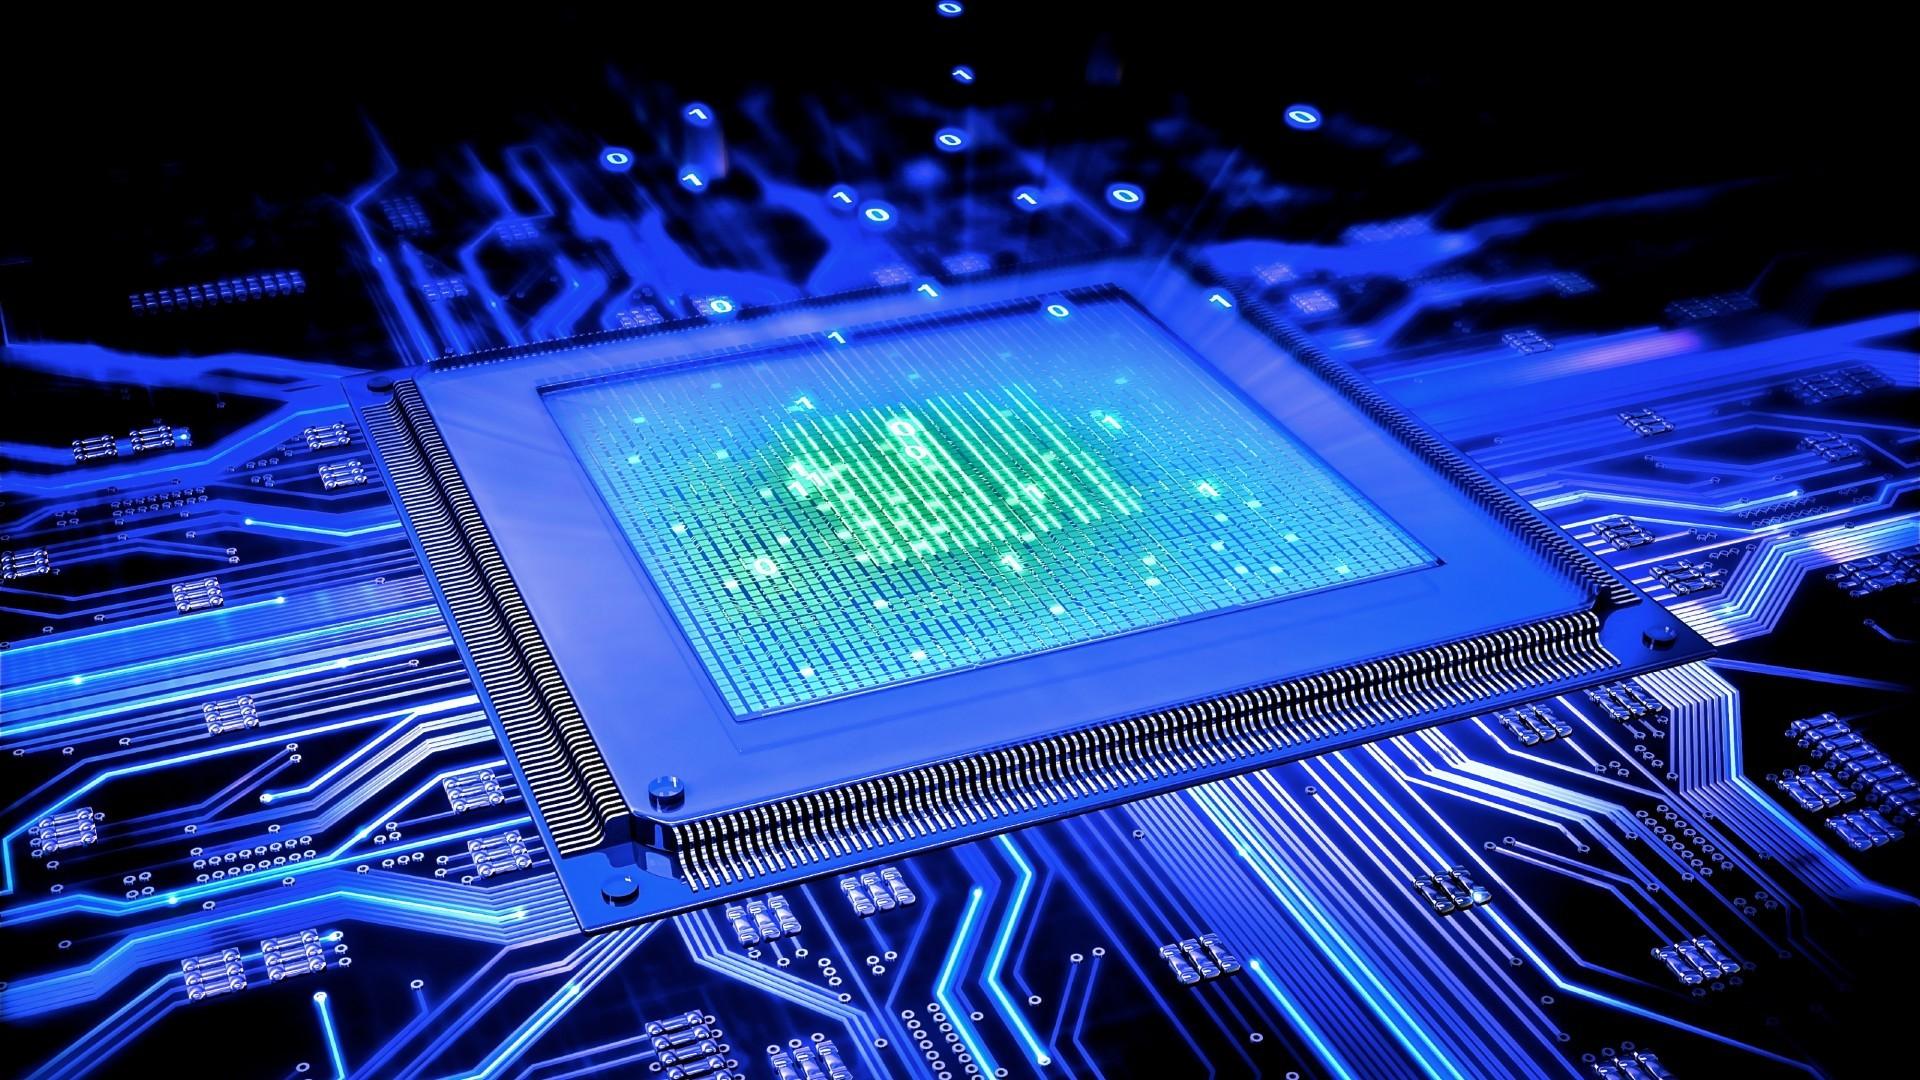 Wallpaper : Digital Art, Technology, CPU, Hardware, Games